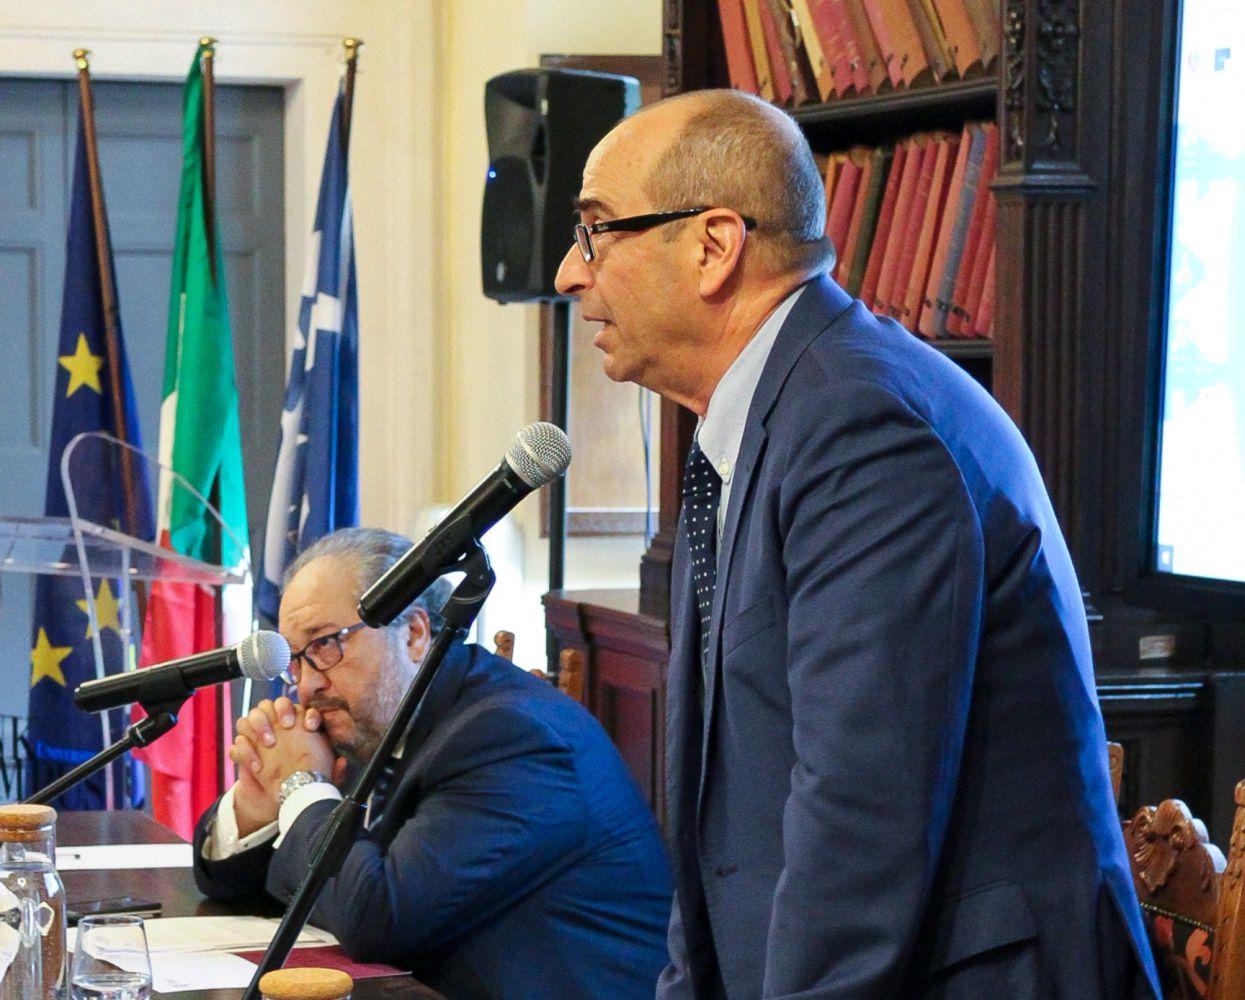 BMI Conference, Rome, 2019, 3